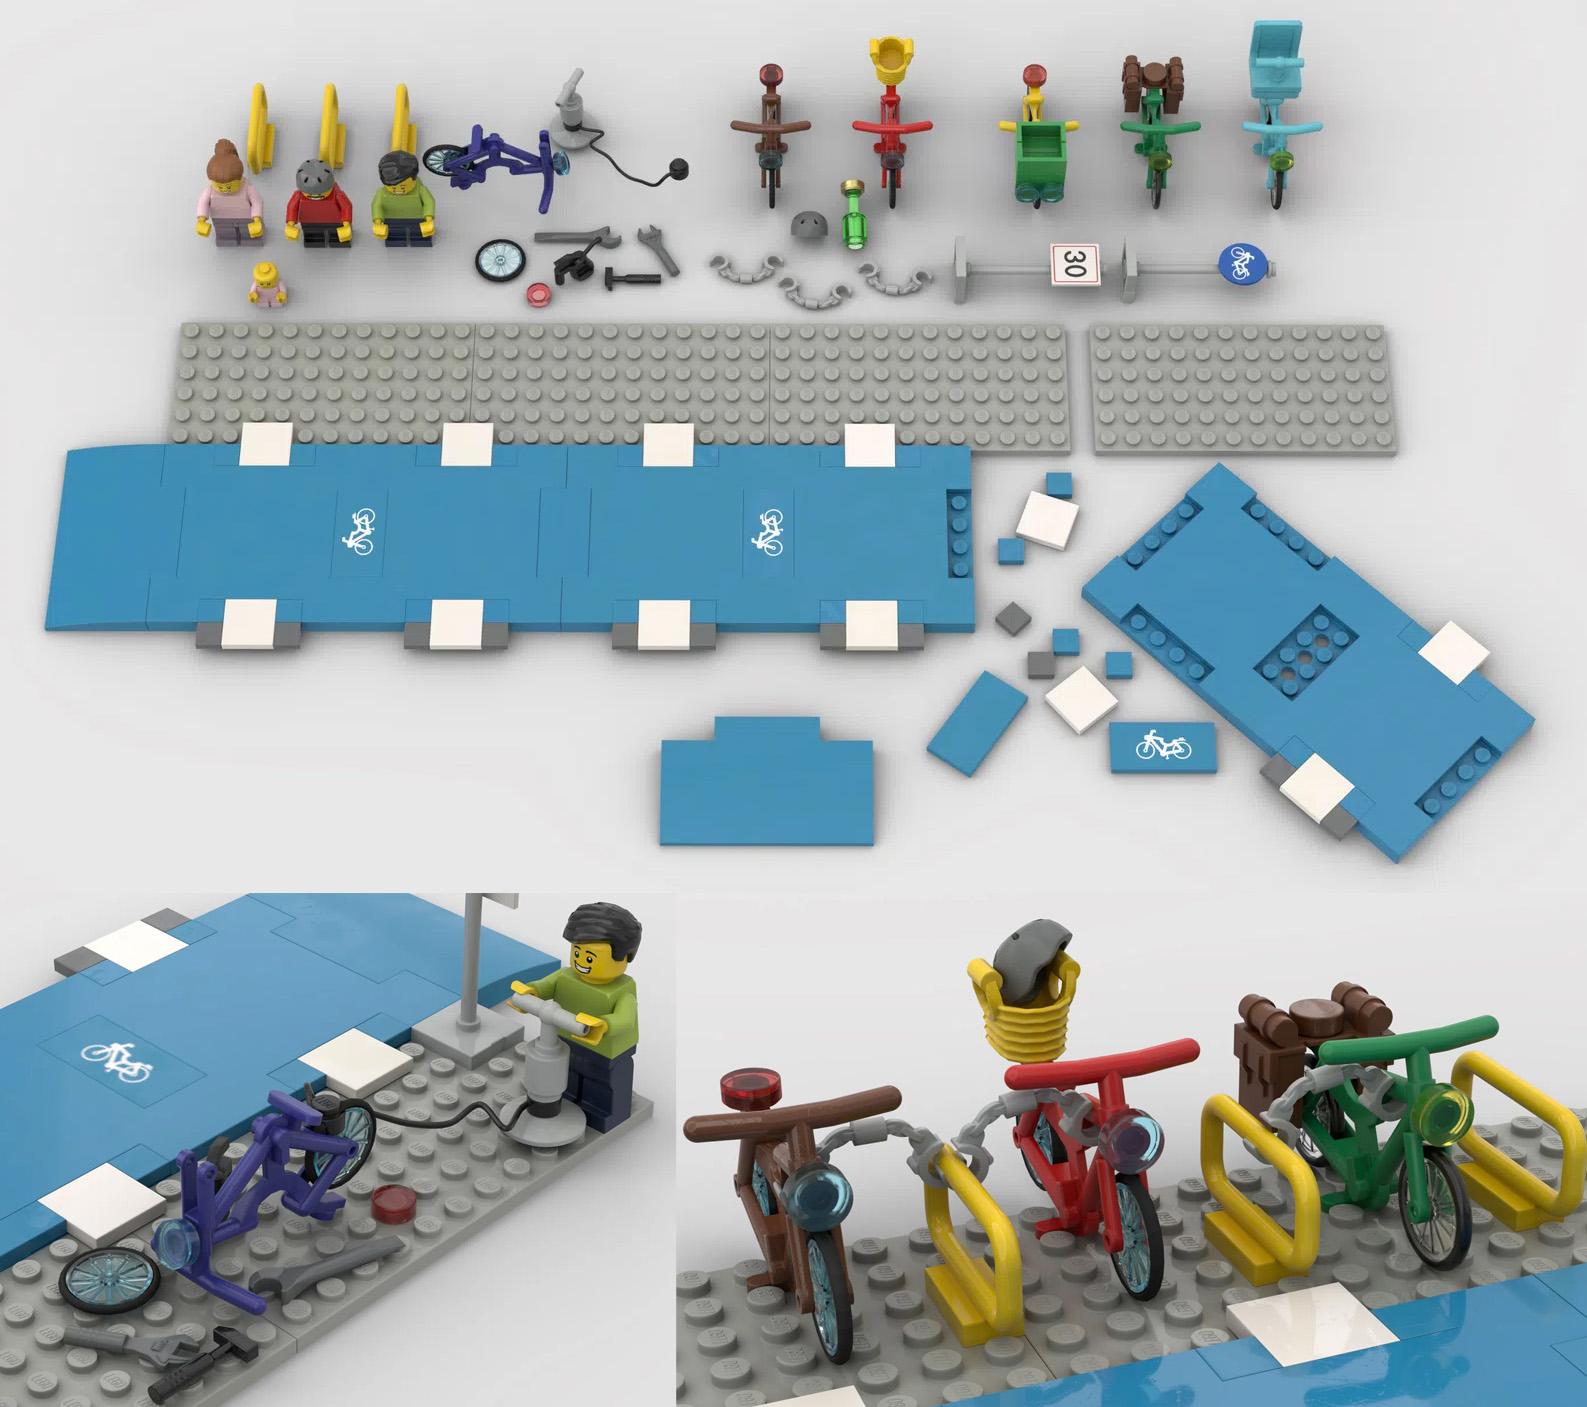 レゴアイデアで『自転車レーン』が製品化レビュー進出!2021年第1回1万サポート獲得デザイン紹介